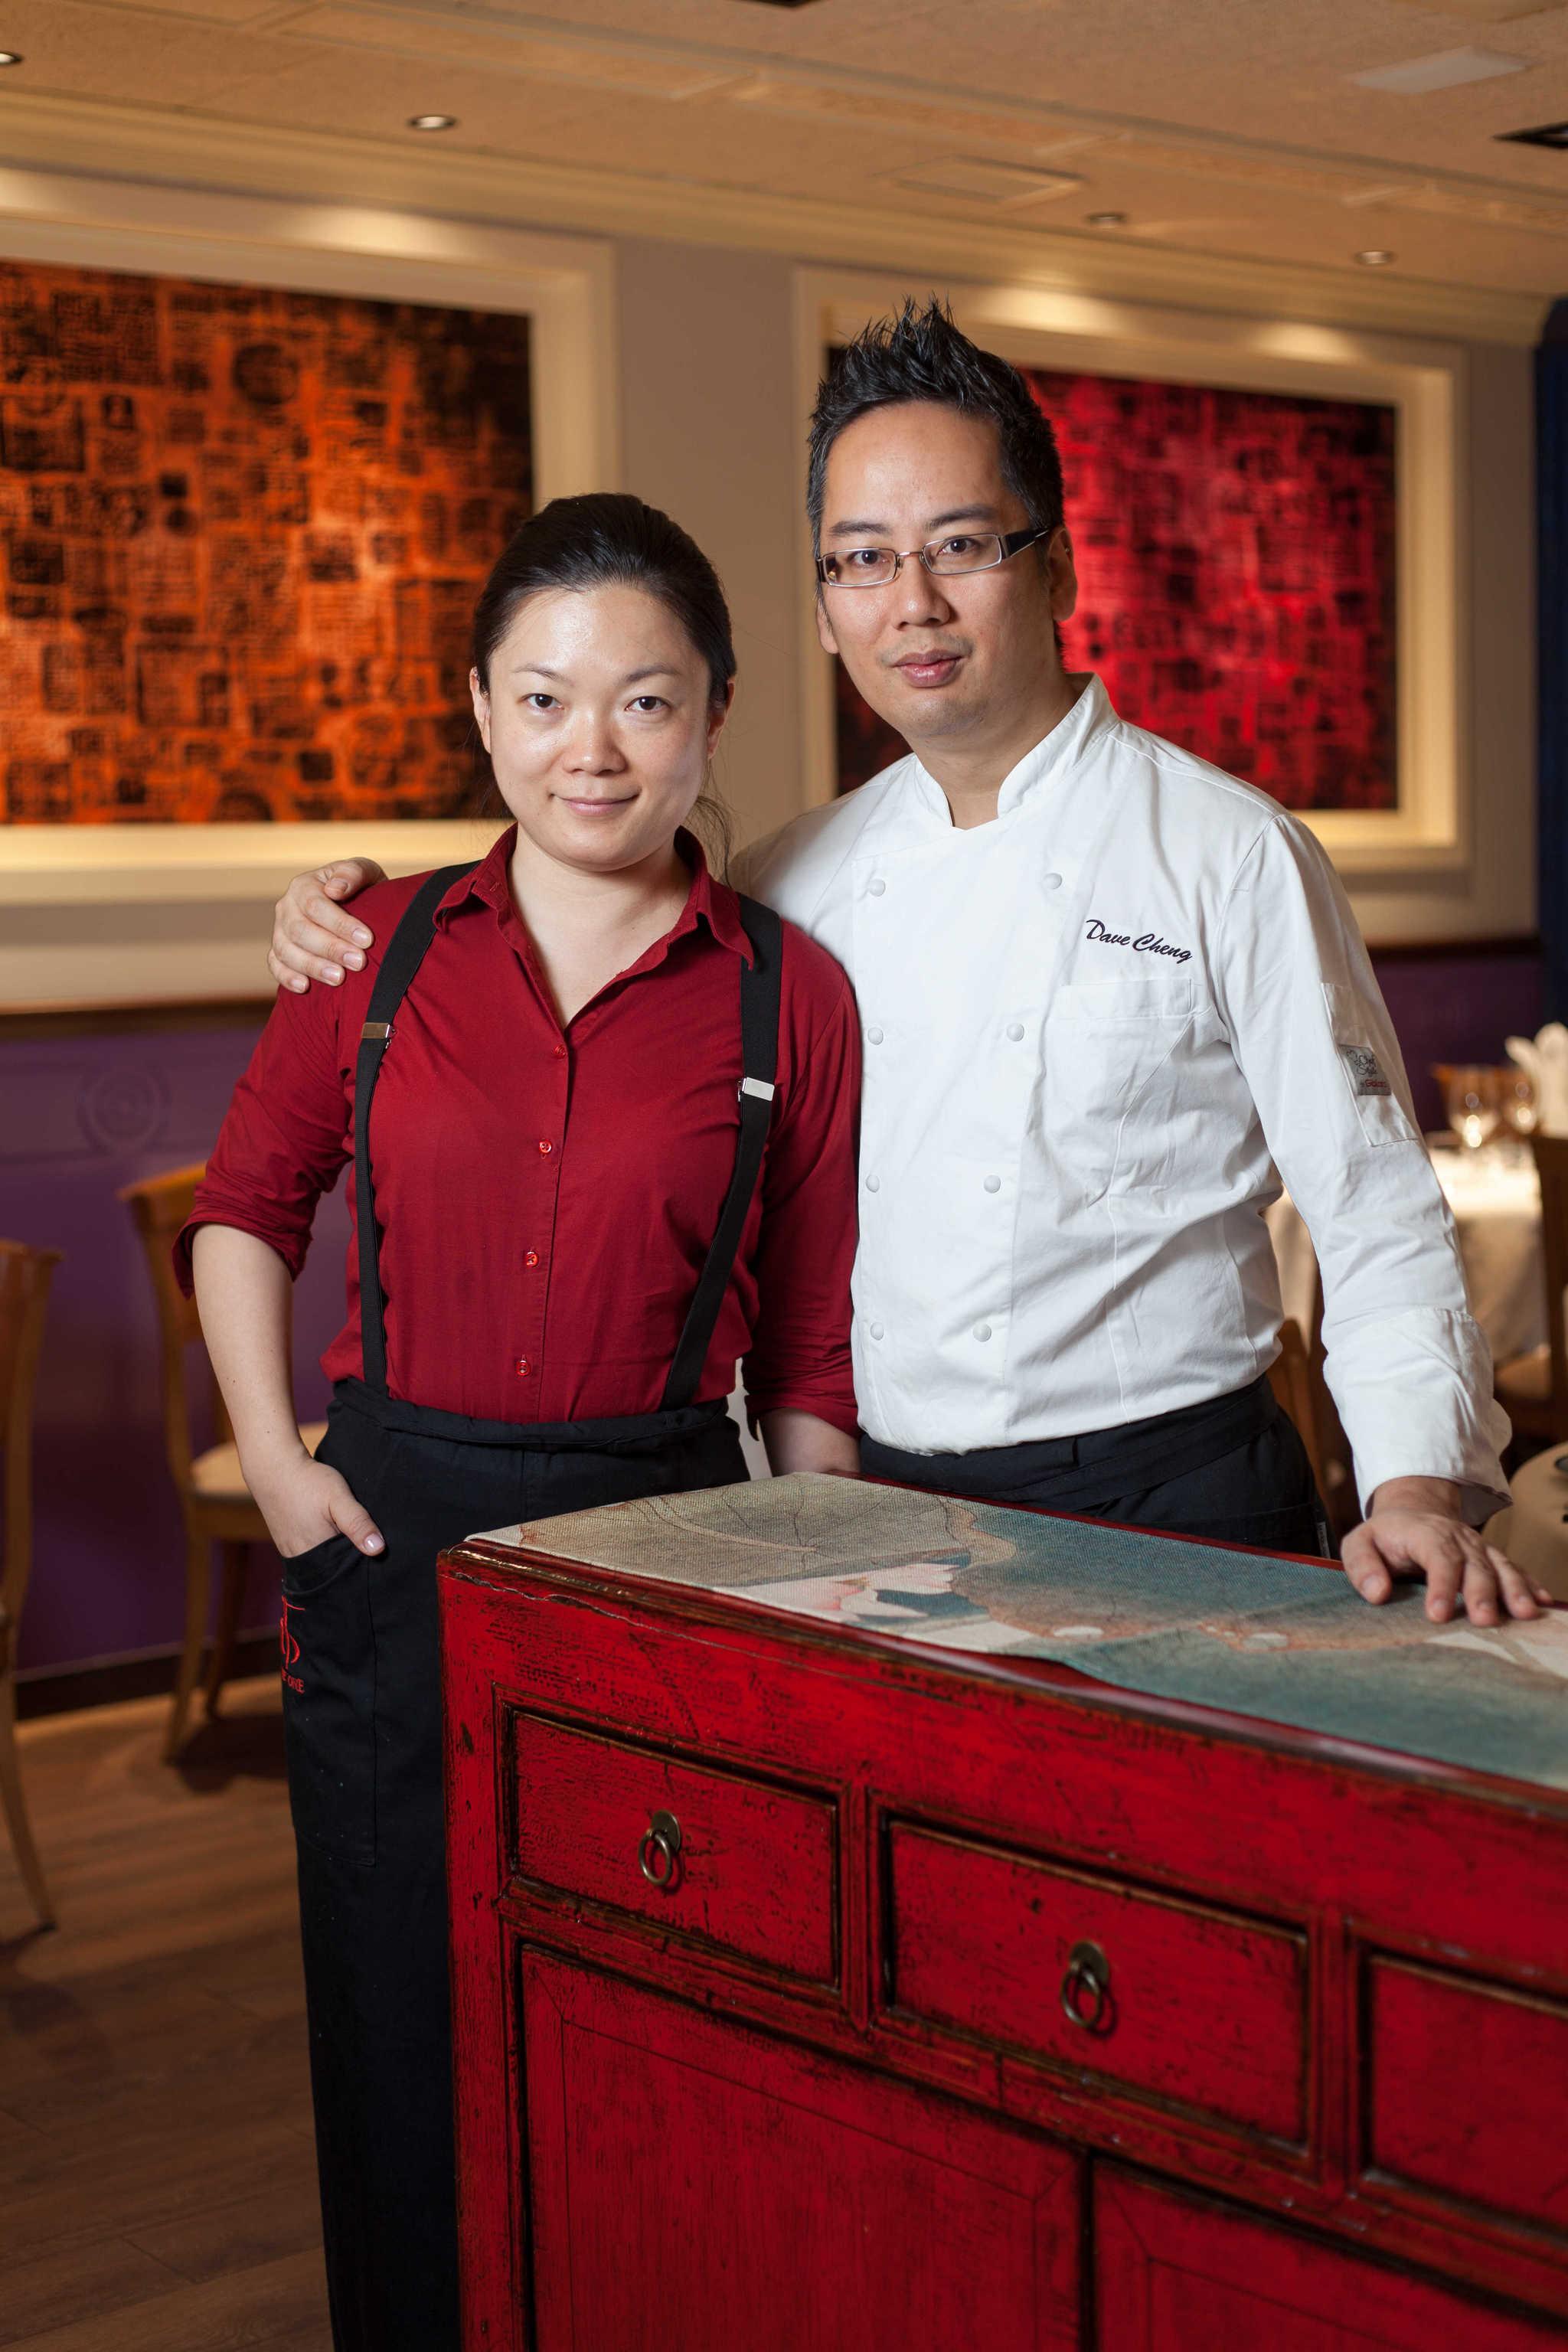 Xiang Xu y Dave Cheng, propietarios de The One.